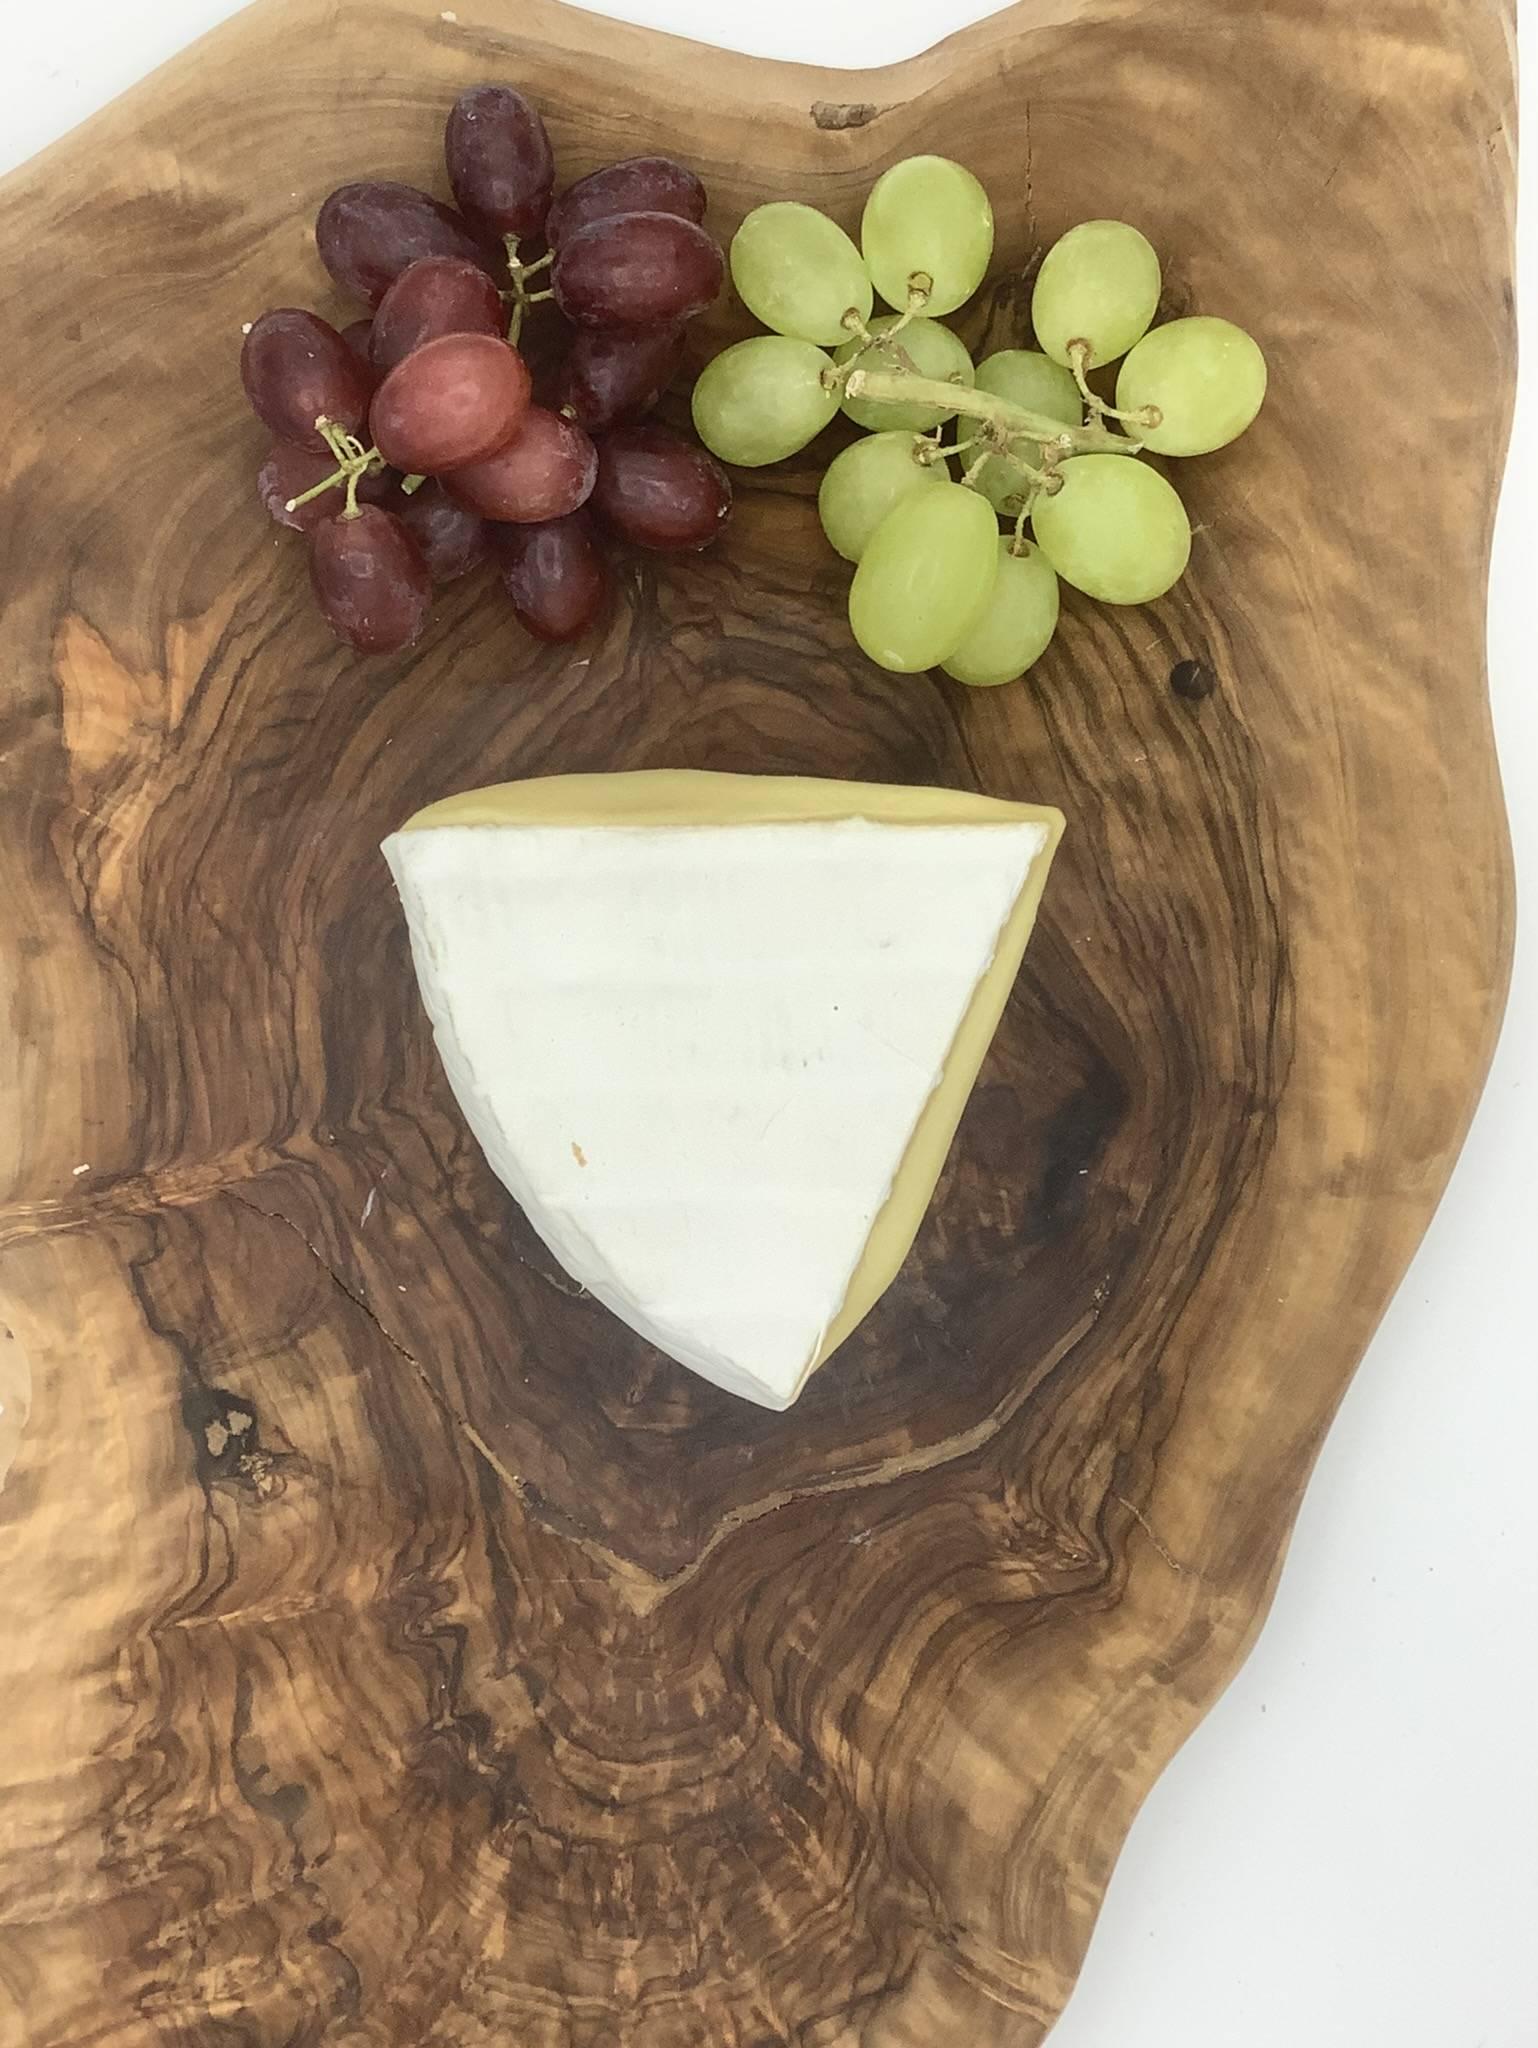 Cornish Brie Soft & Semi-soft